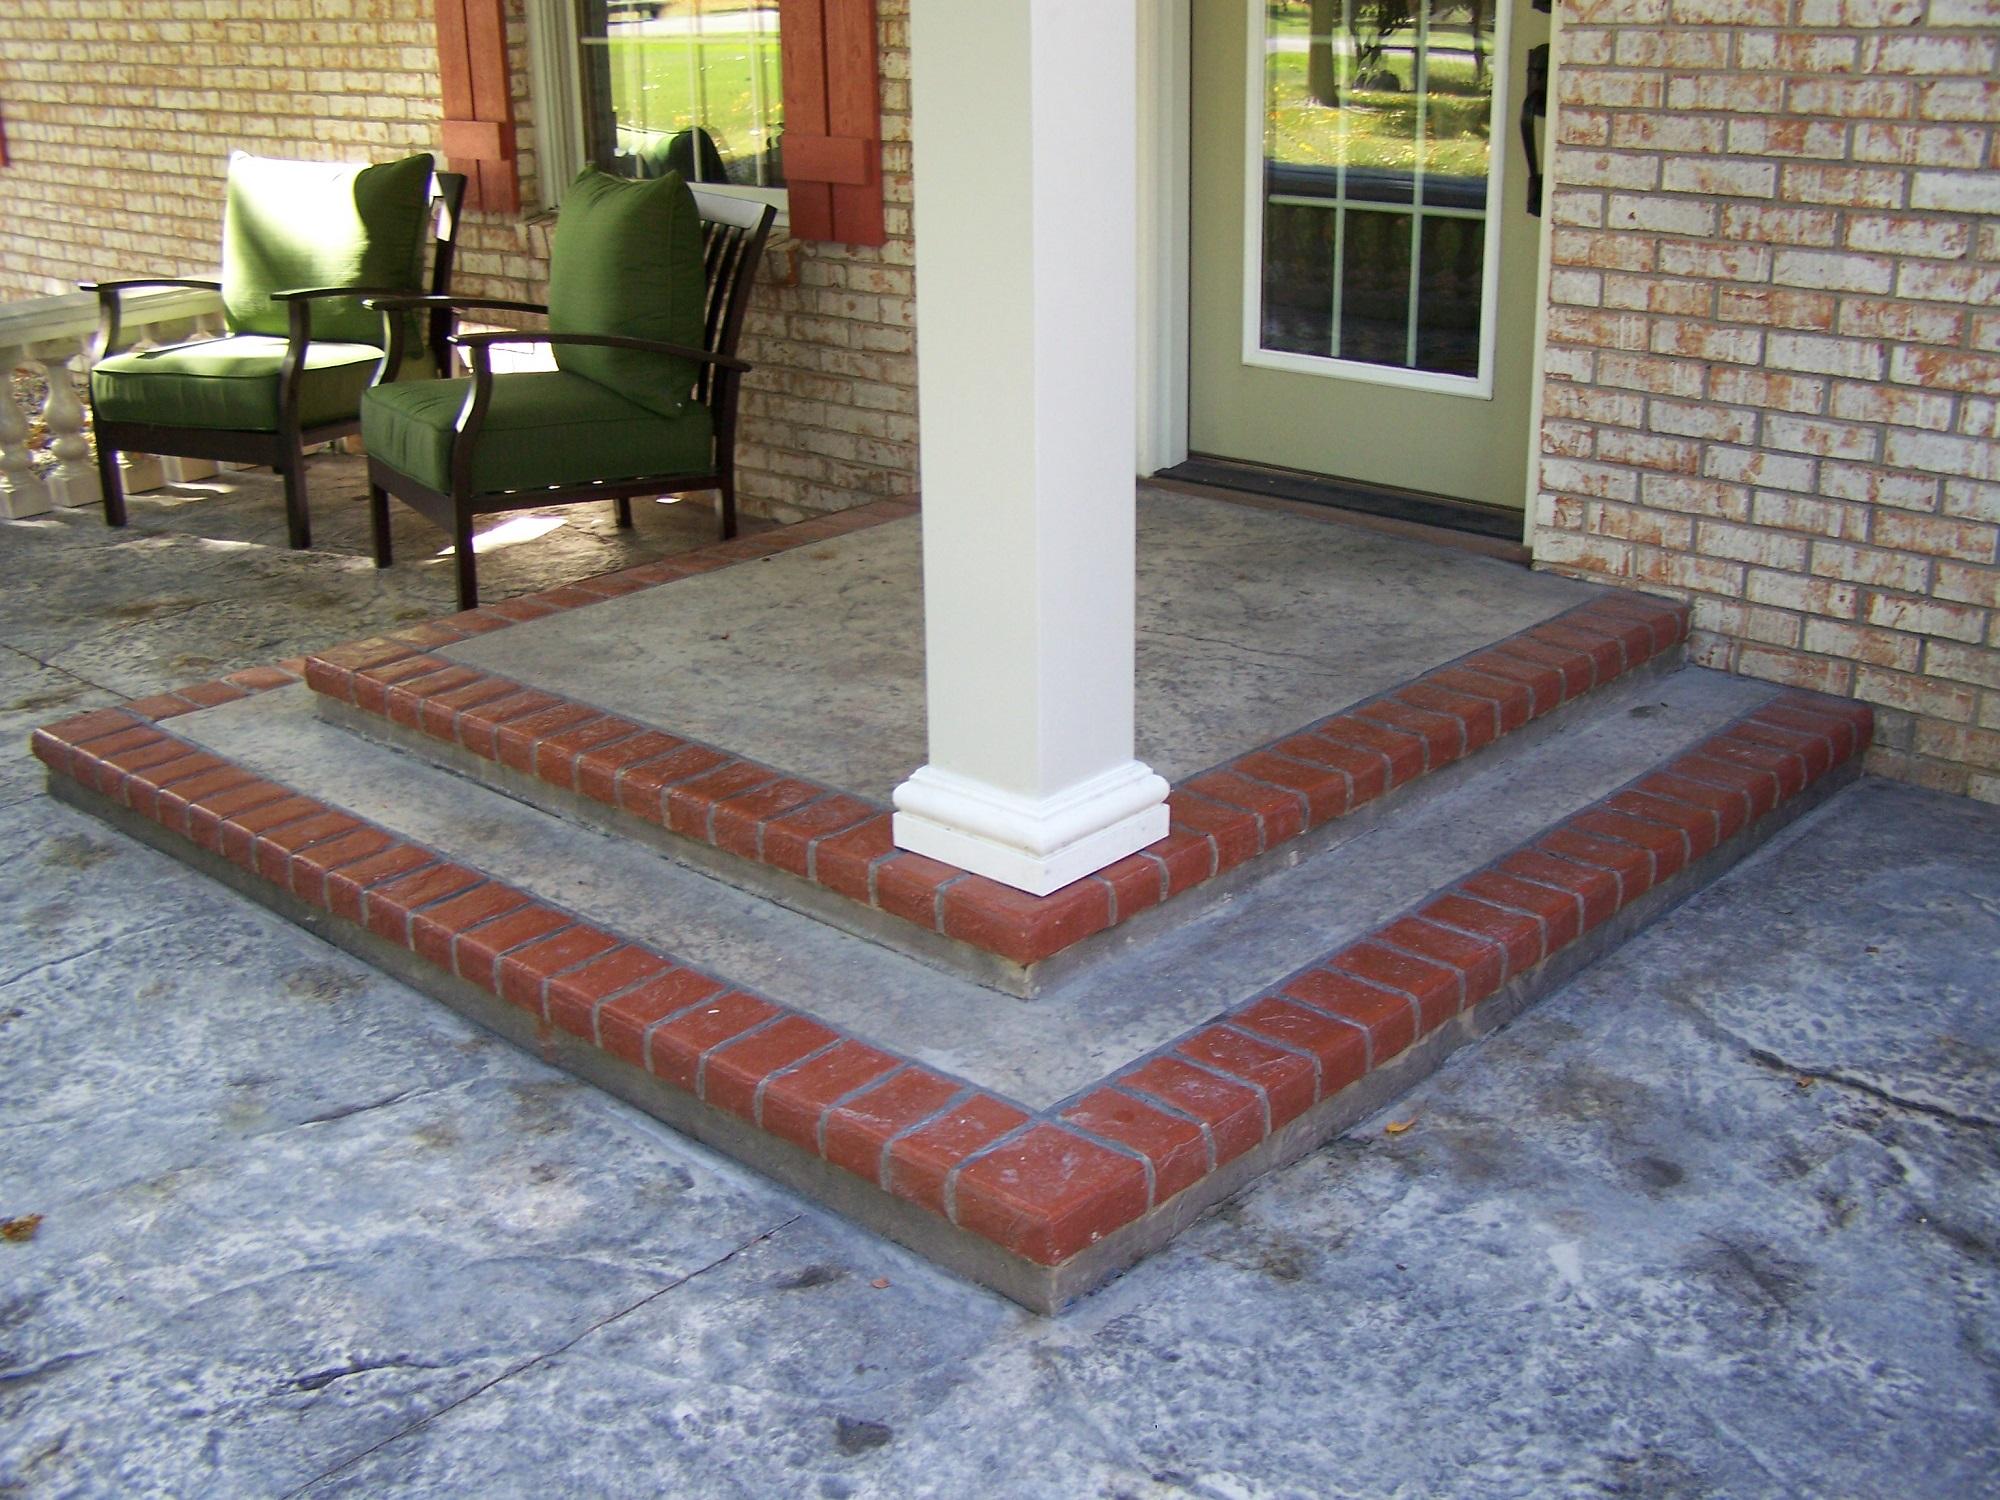 sự kết hợp giữa xi măng và gạch nung đỏ là sự lựa chọn an toàn cho lối vào nhà.